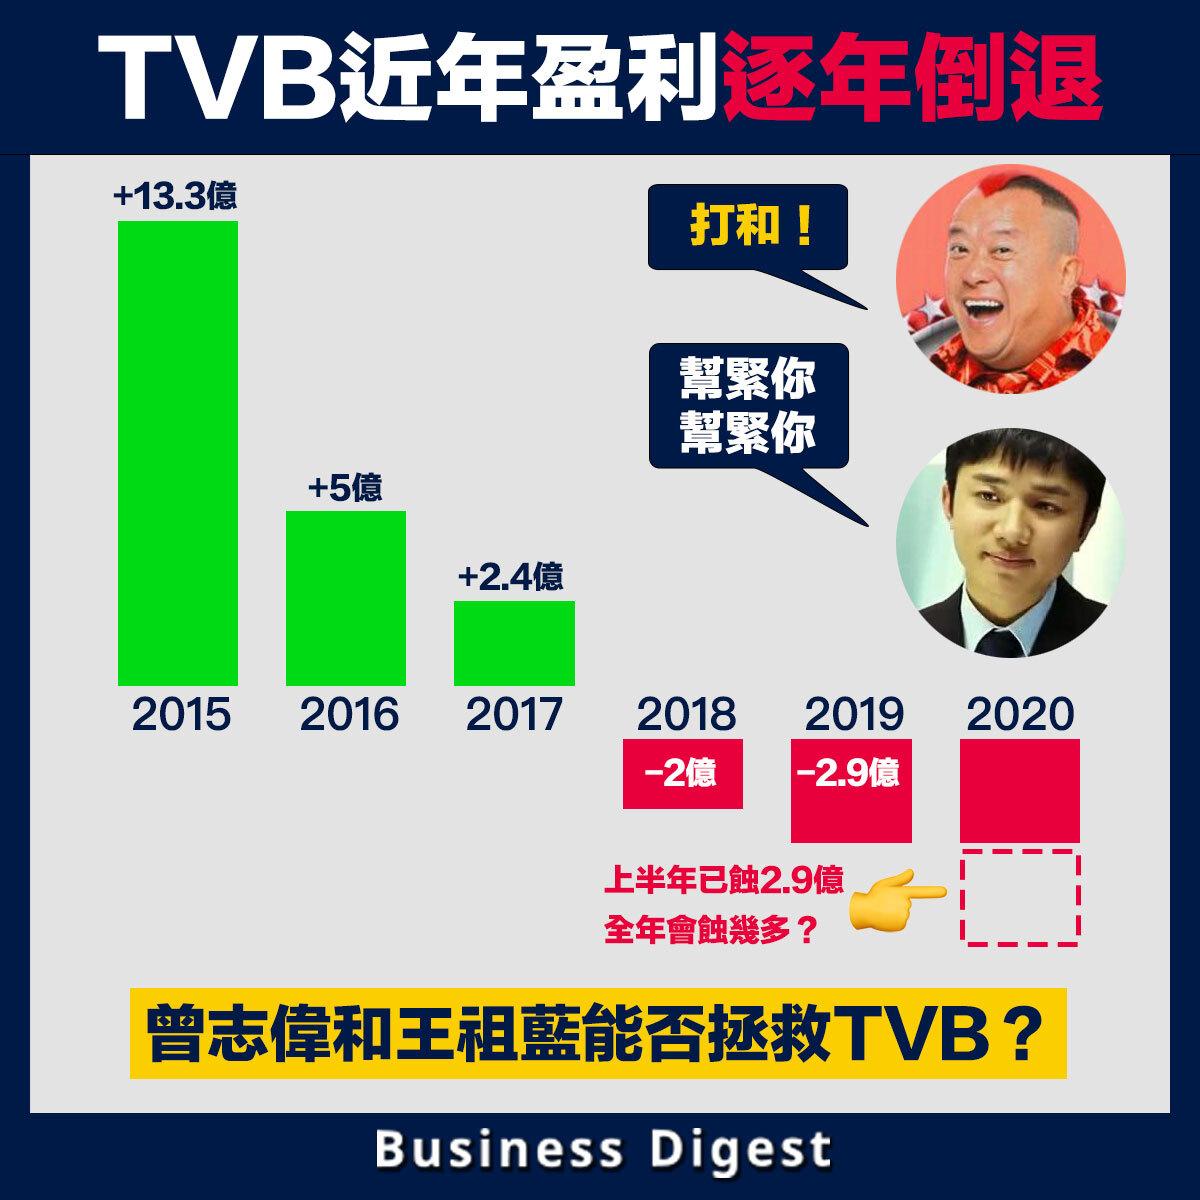 TVB近年盈利逐年倒退,曾志偉和王祖藍能否拯救TVB?